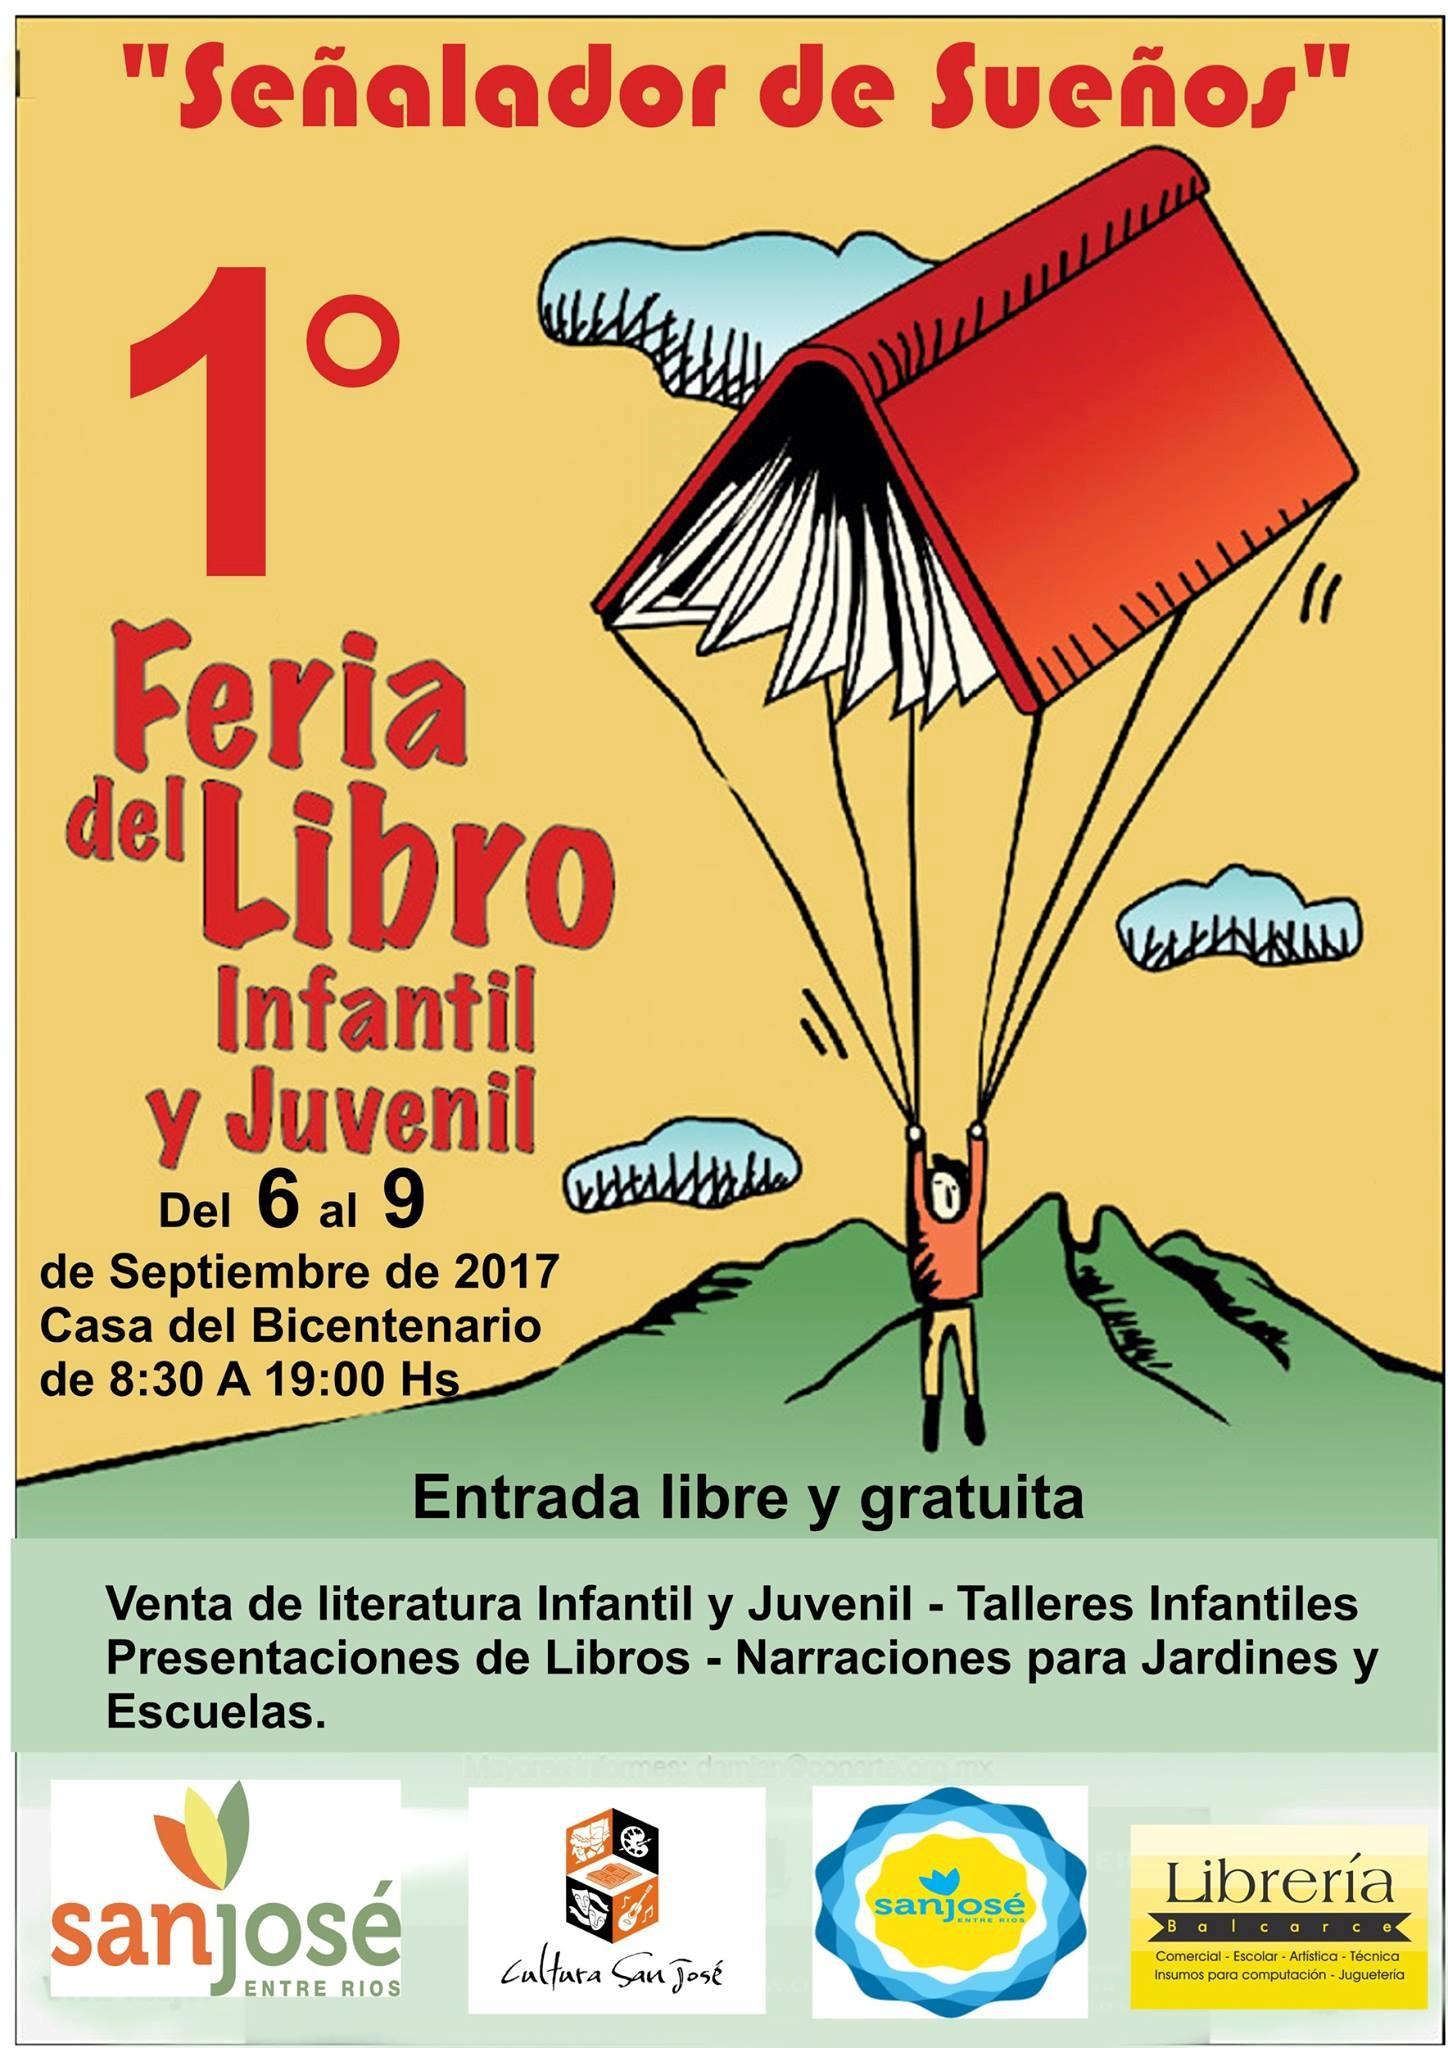 PRIMERA EDICIÓN FERIA DEL LIBRO INFANTO JUVENIL